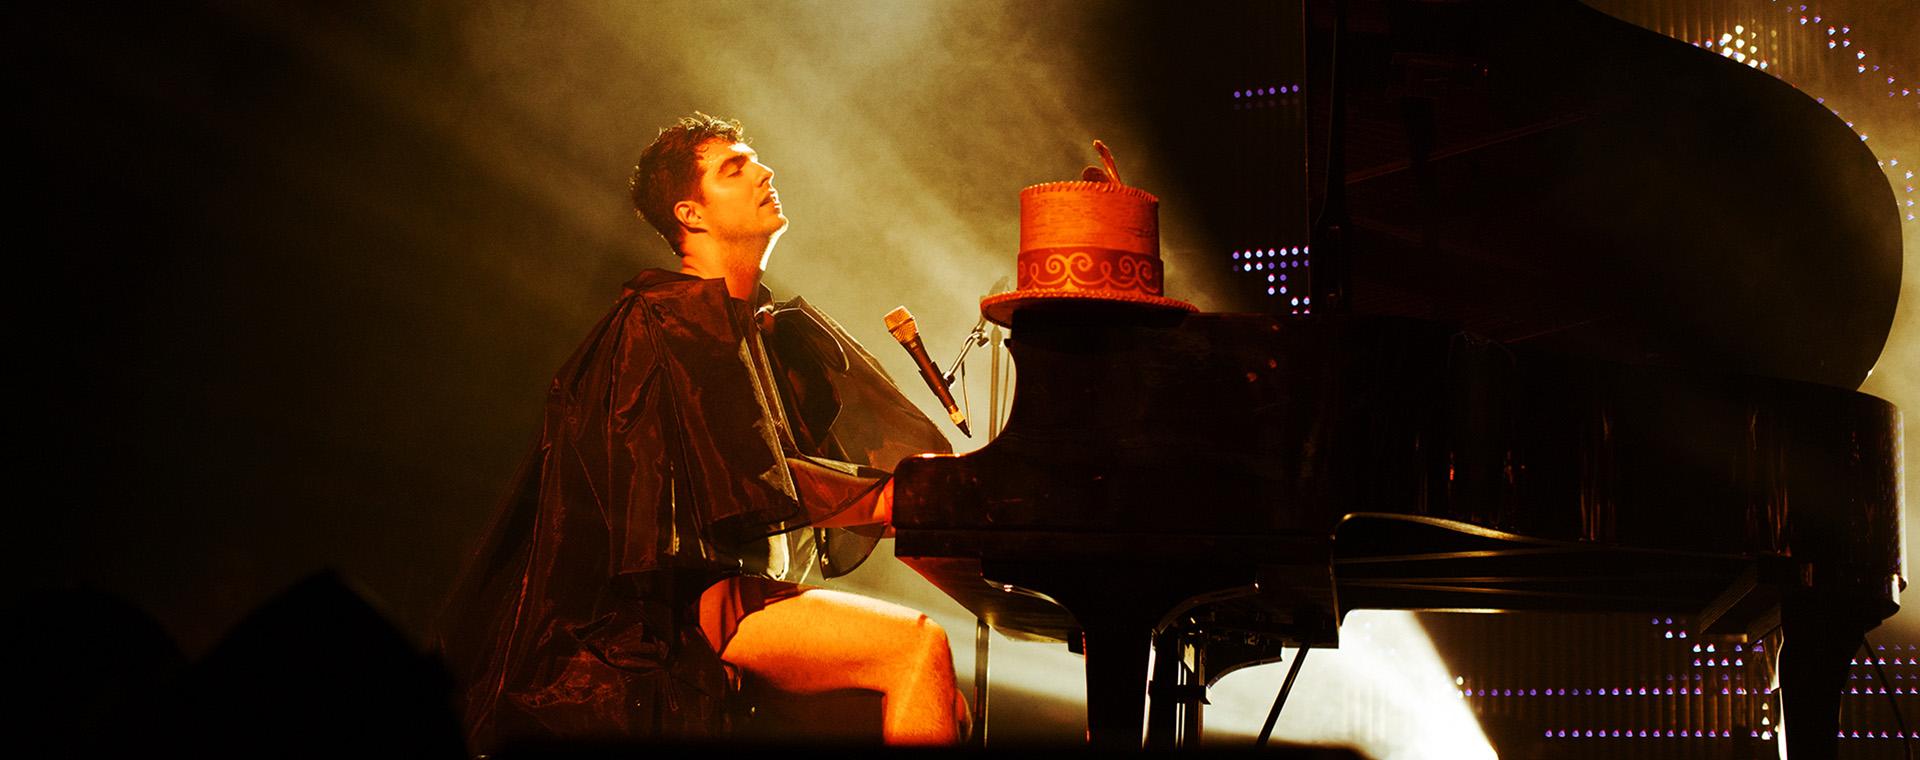 Un homme vêtu d'une cape est assis au piano. Son chapeau haut de forme est posé sur le piano. Ses yeux sont fermés.